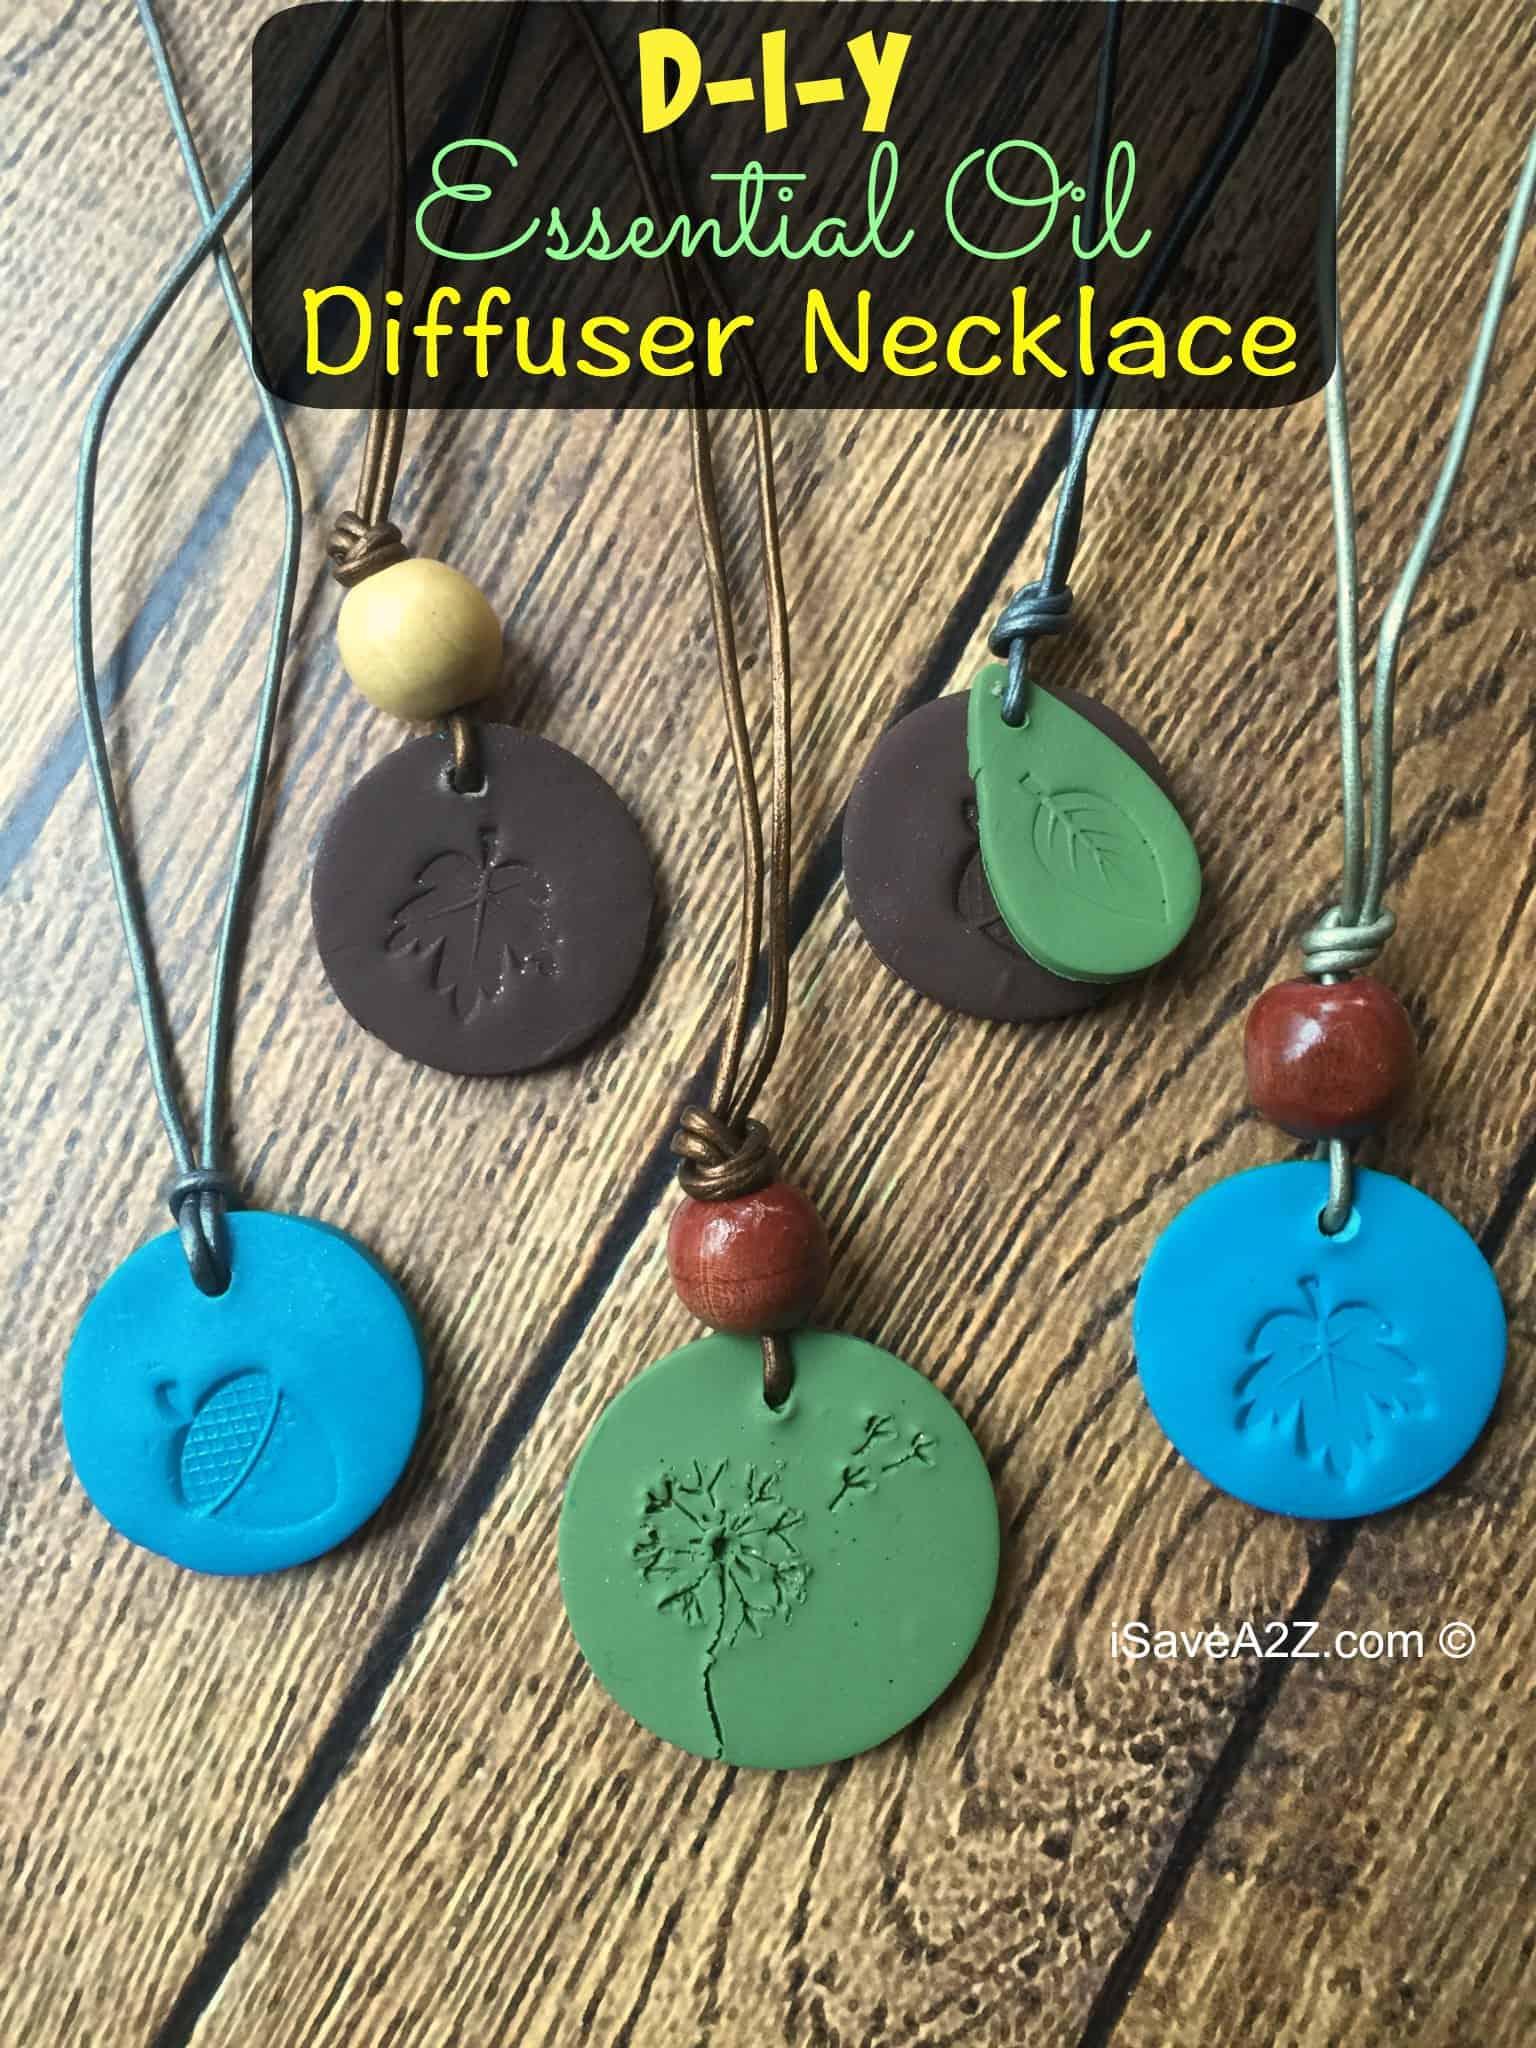 Diffuser clay necklace